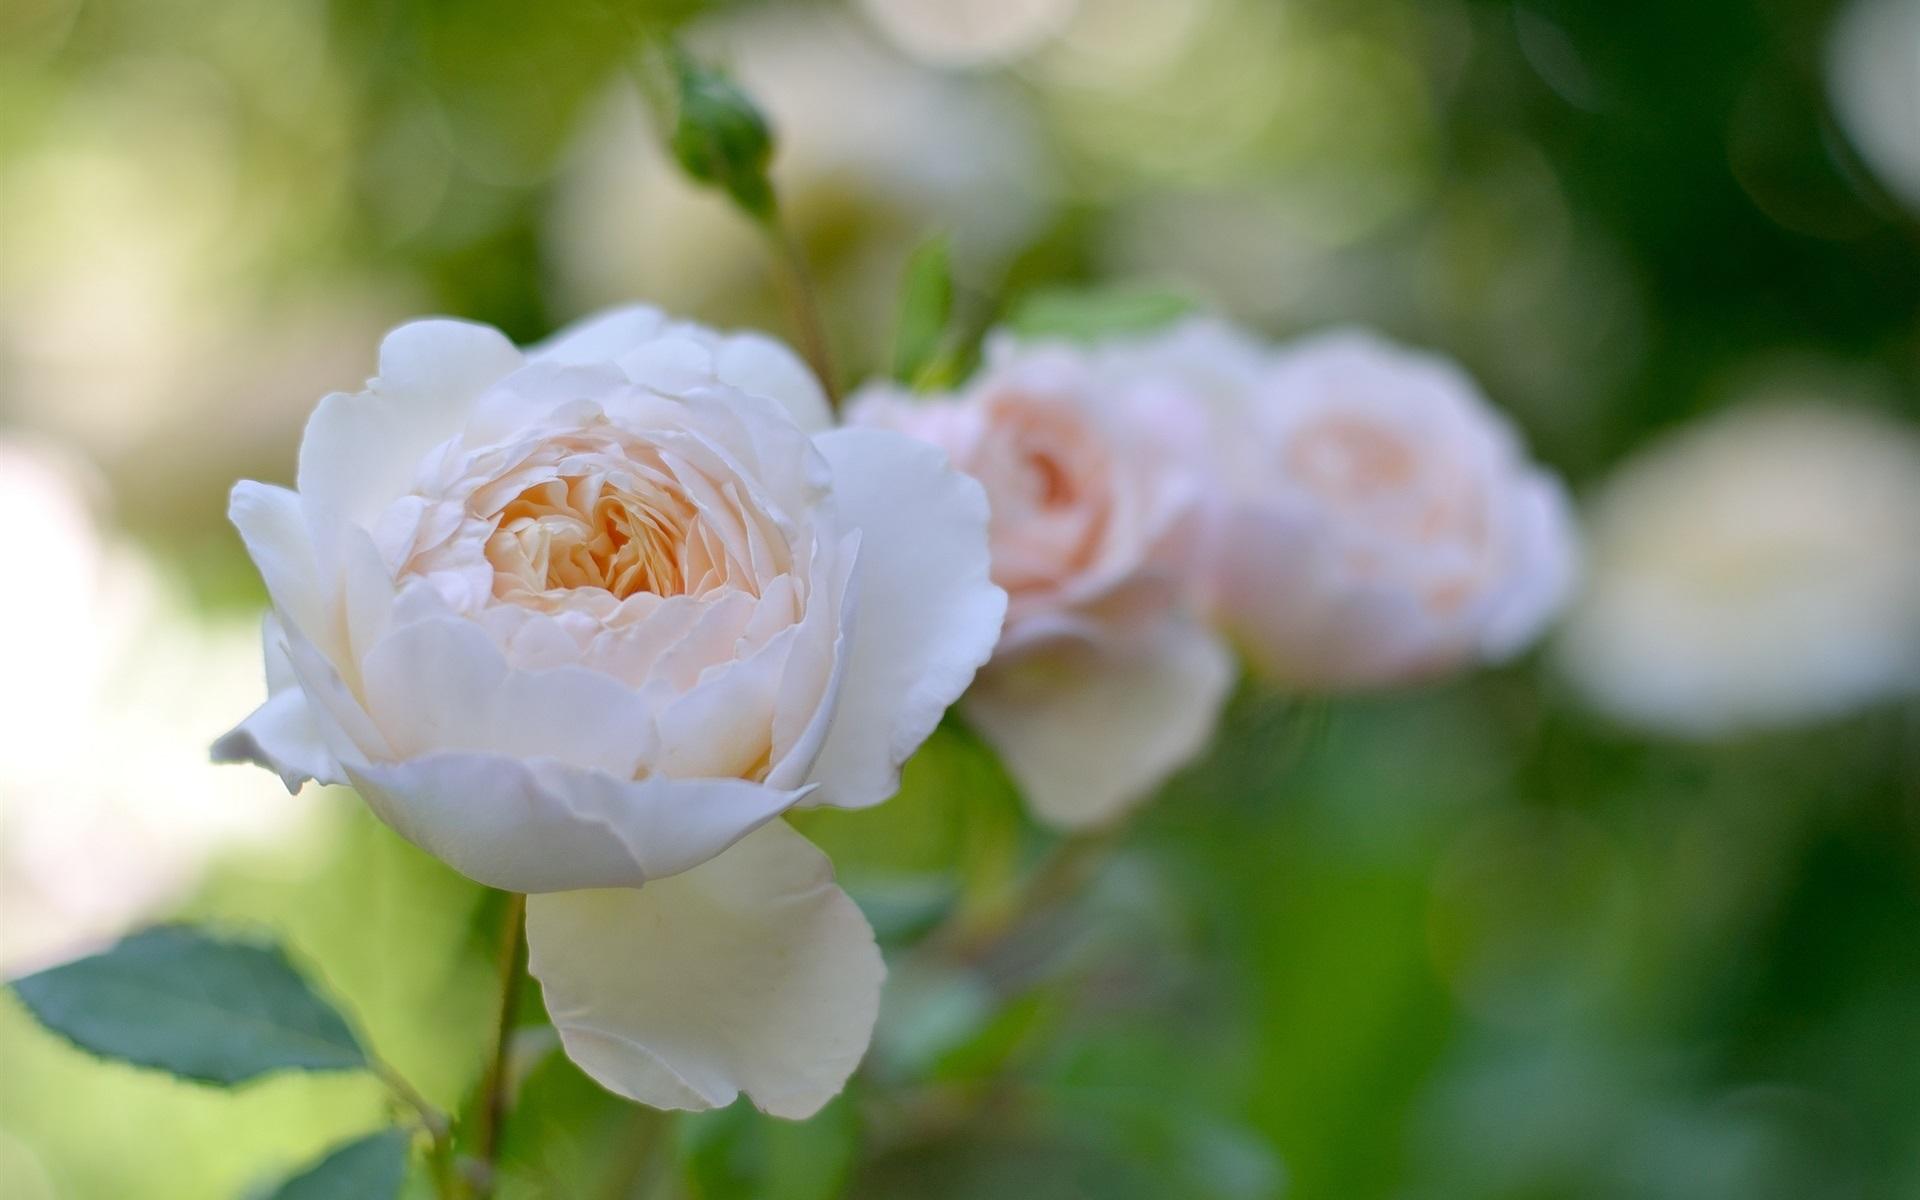 white rose flower garden wallpaper - flowers healthy